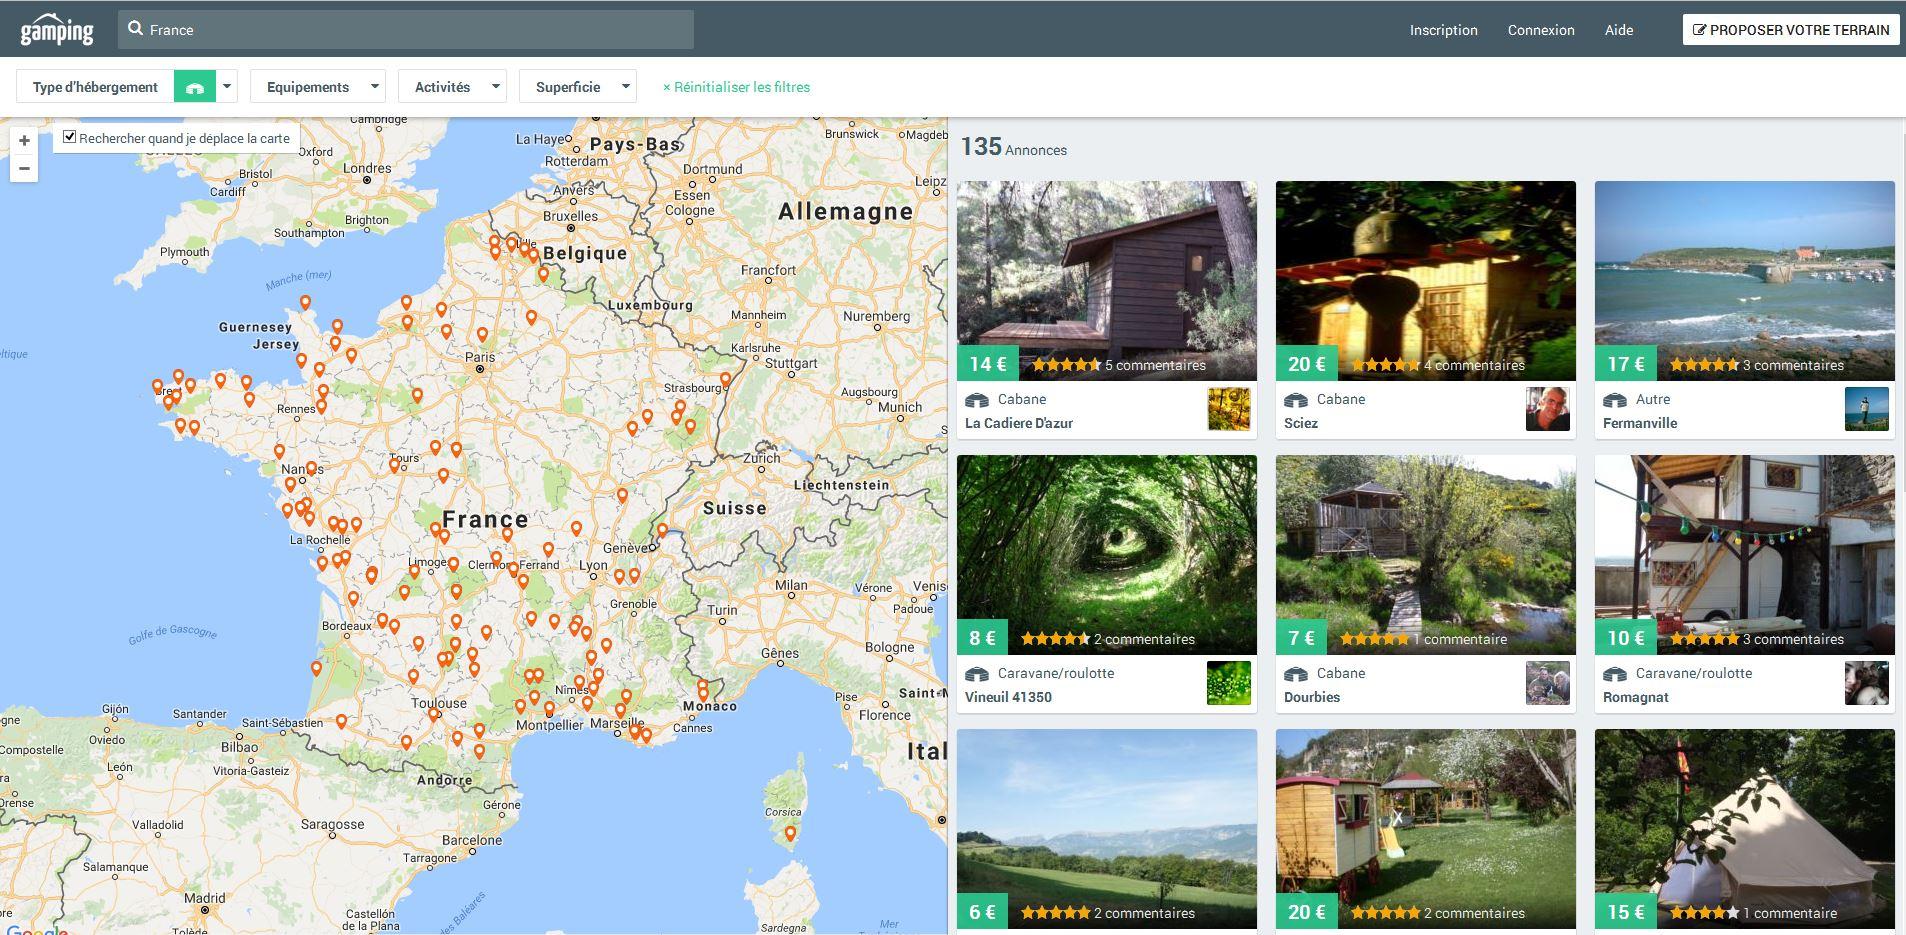 La recherche d'un lieu de camping sur le site gamping.fr